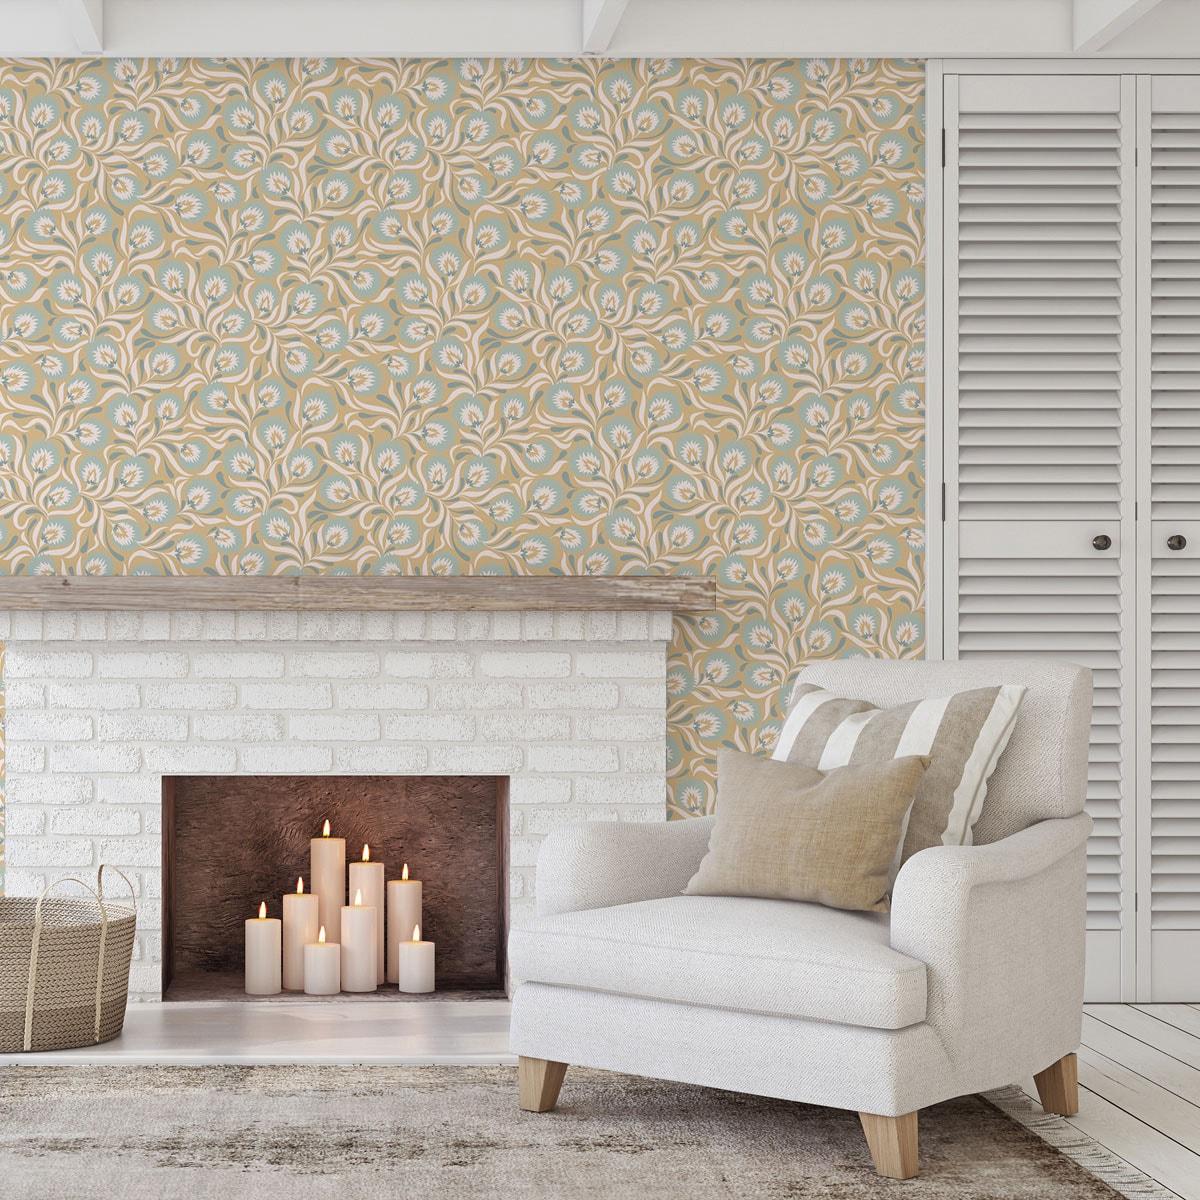 Wohnzimmer Tapete creme: Florale Jugendstil Tapete mit großen Blüten in beige hellblau angepasst an Farrow & Ball Wandfarben - Vliestapete Blumen